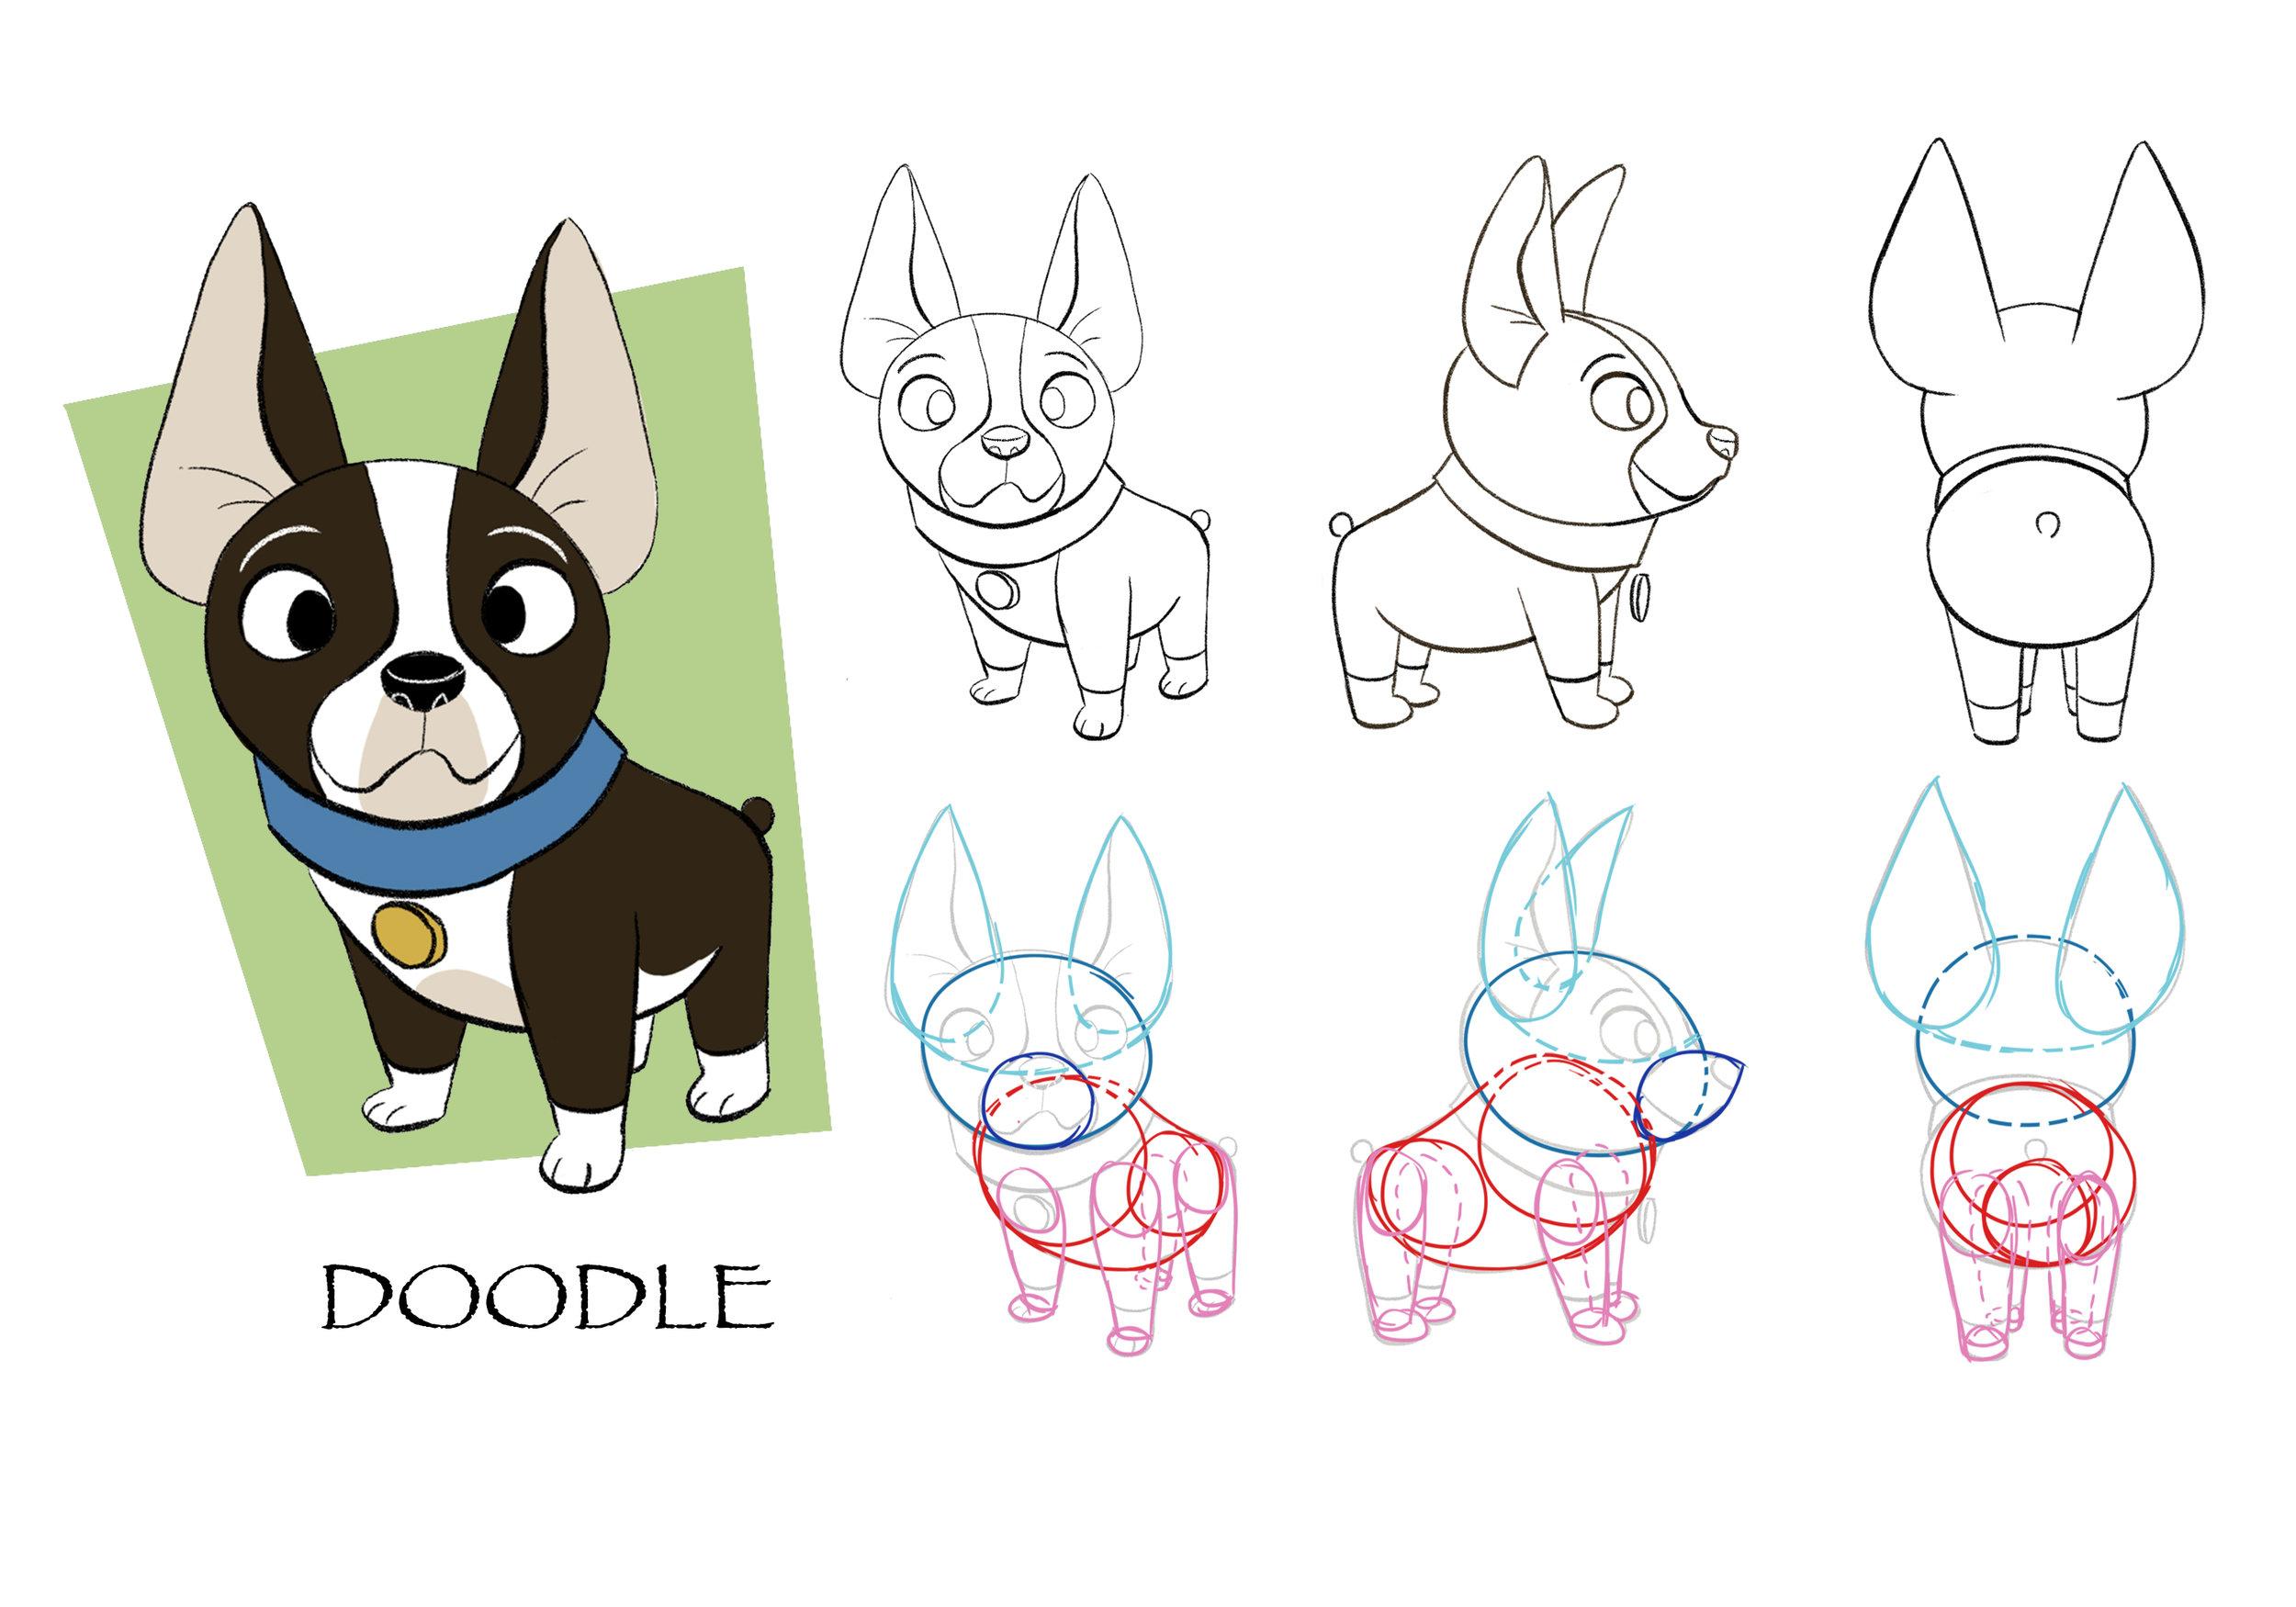 Doodle the dog chosen concept.jpg